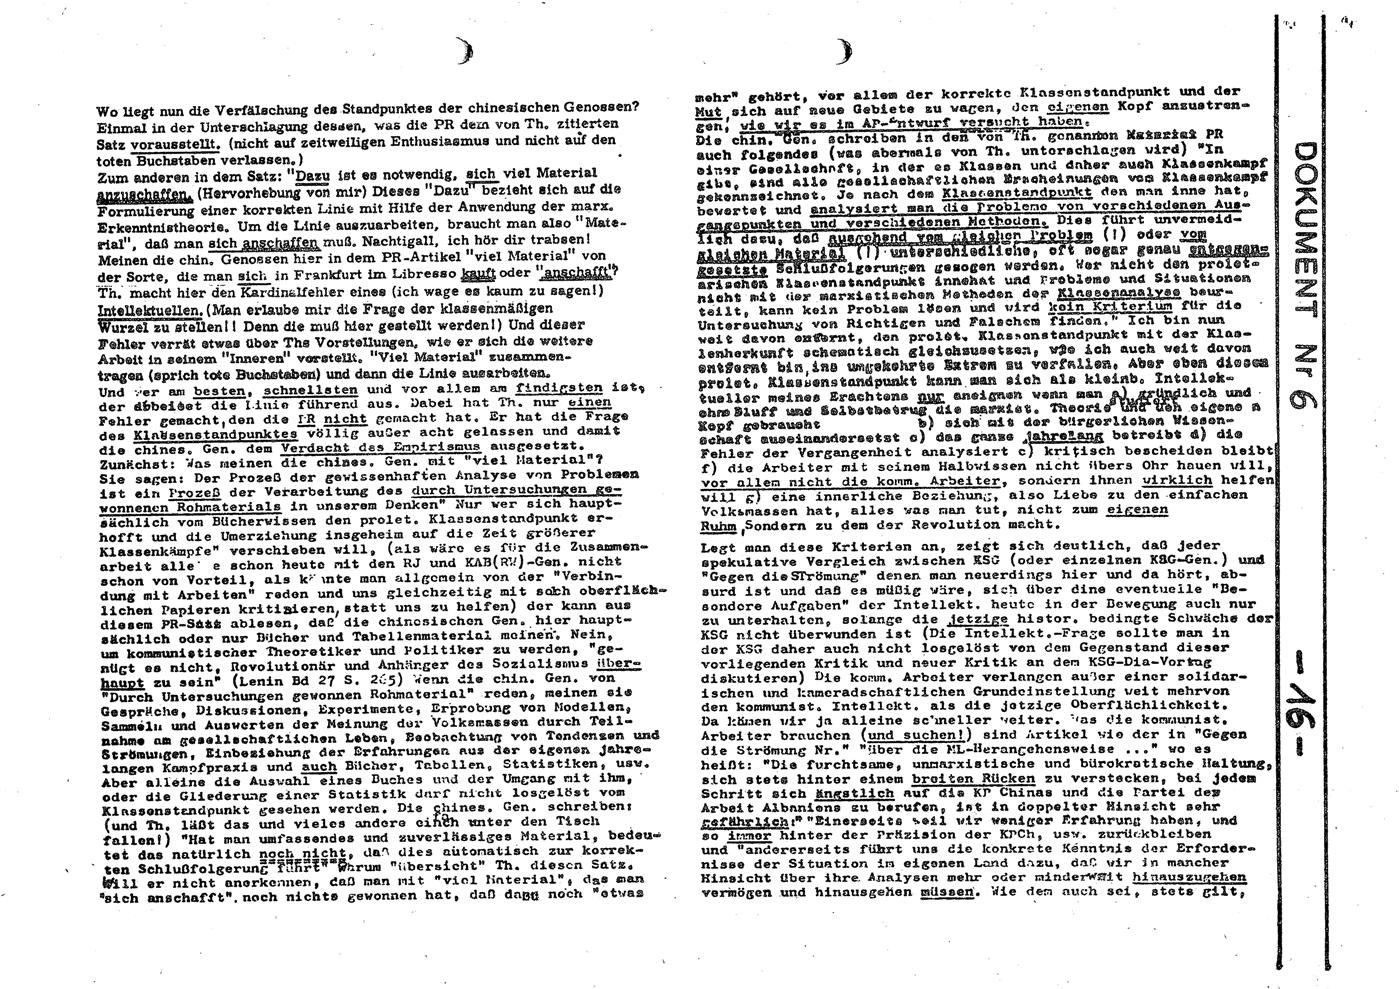 KABRW_Arbeitshefte_1977_24_016